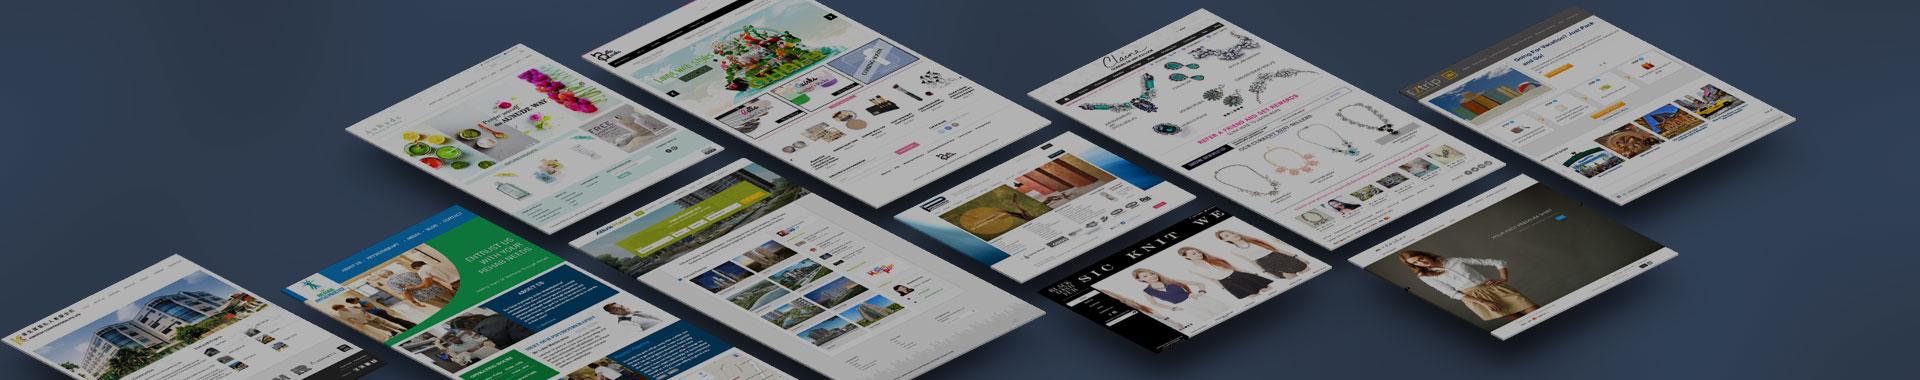 Website Design Singapore - Psynaptica